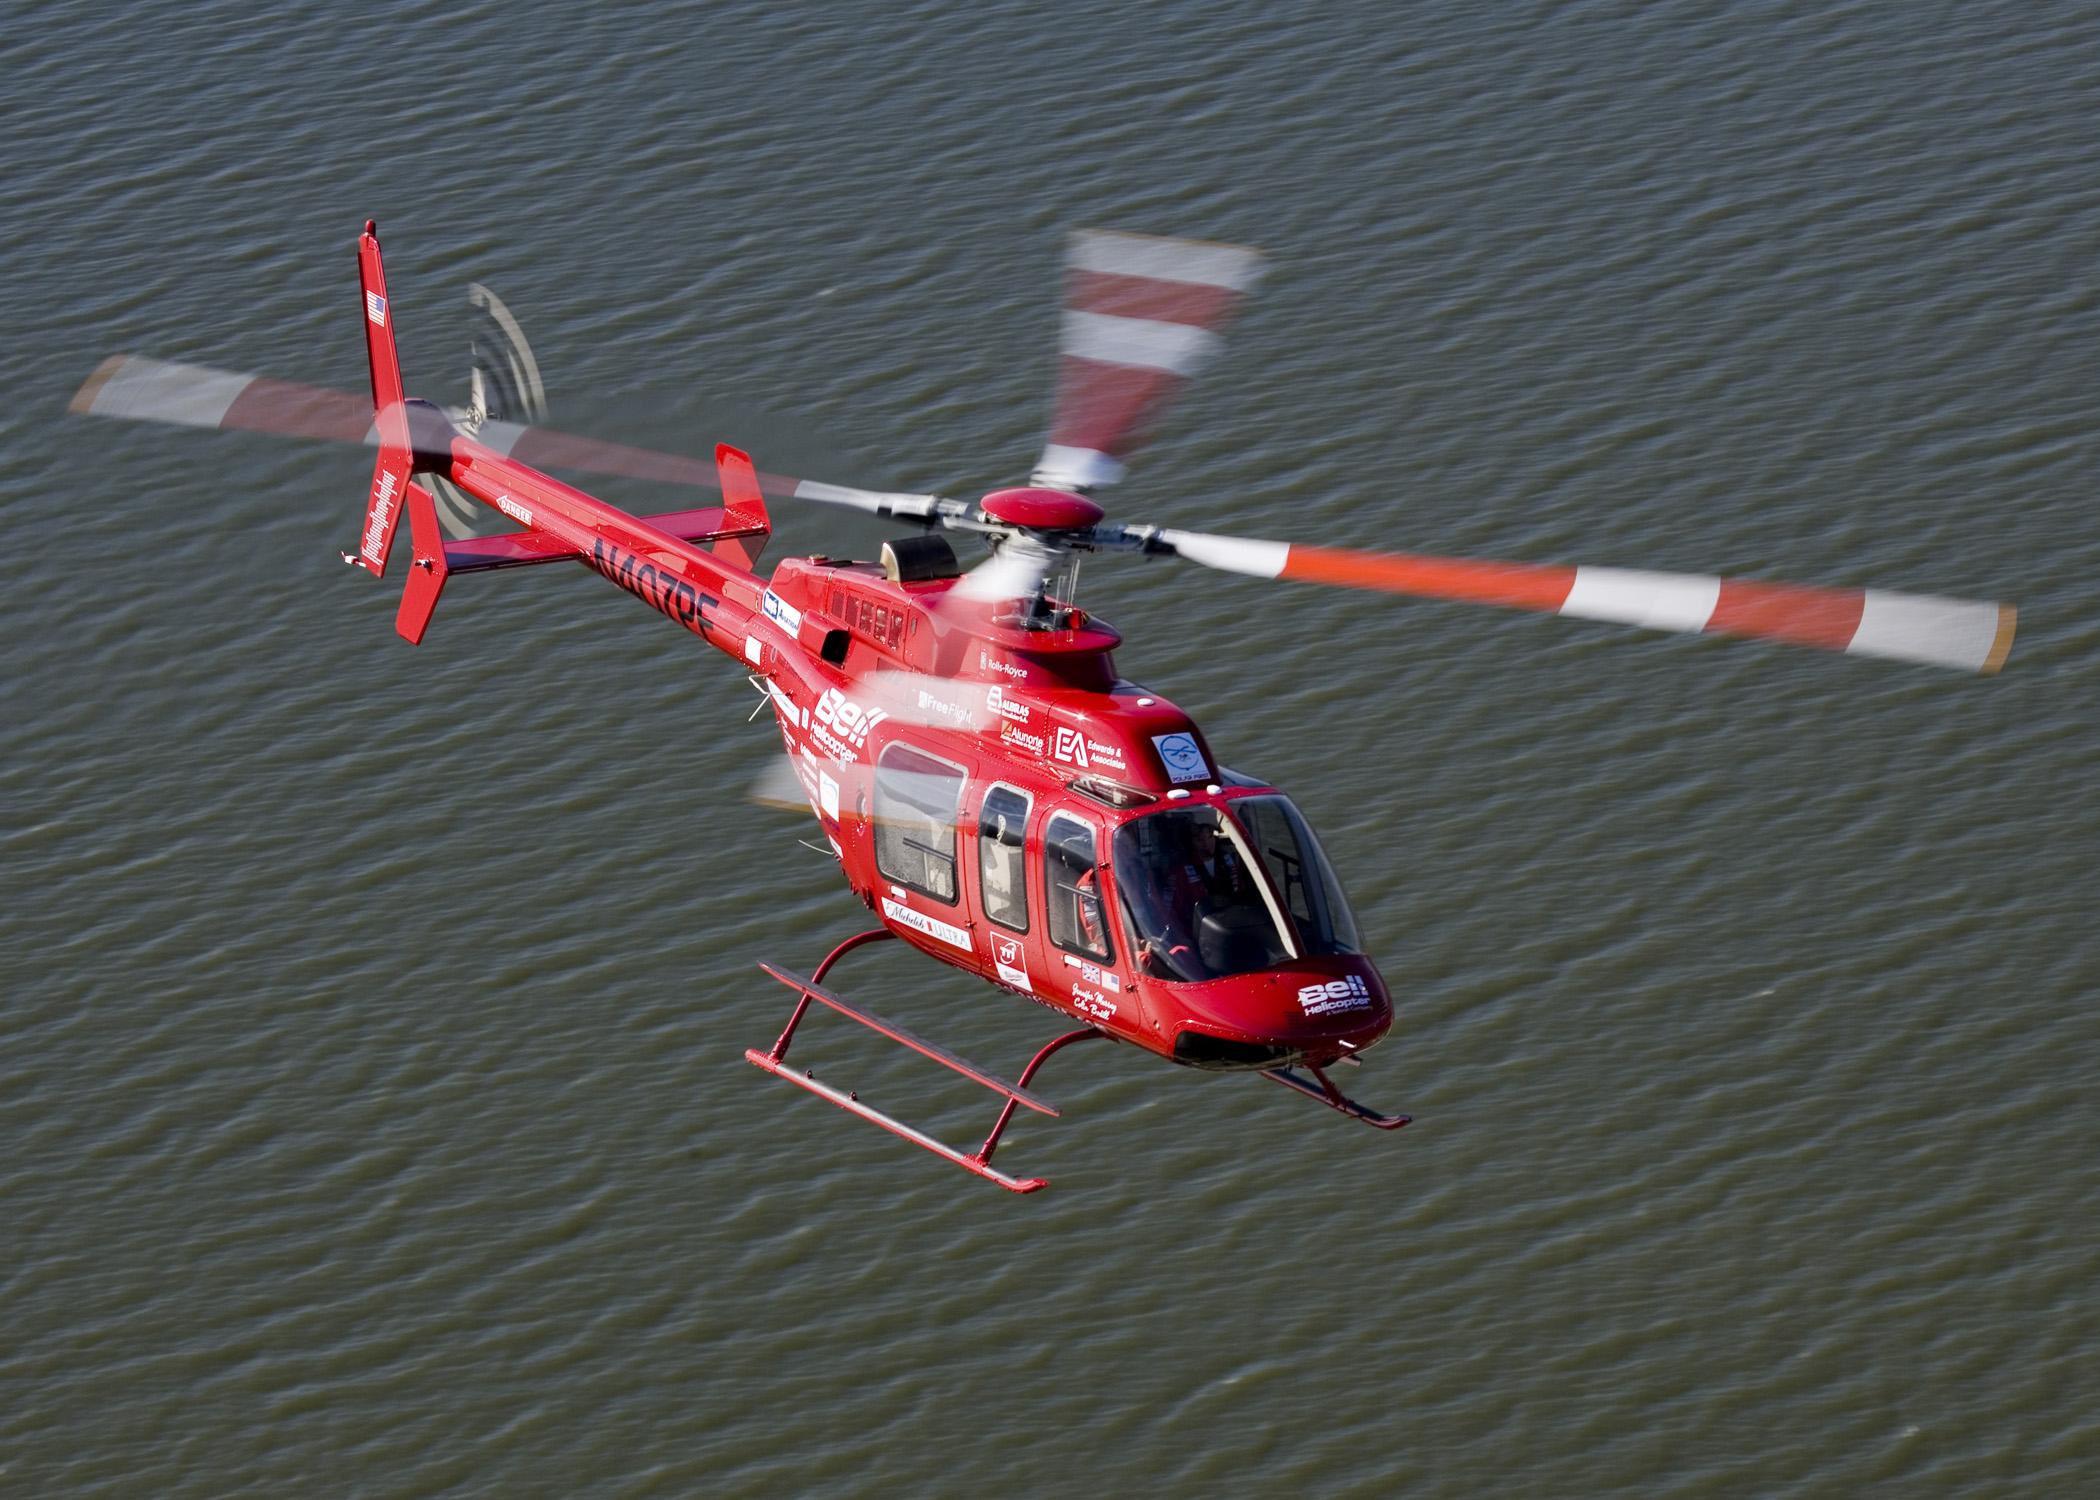 вертолет Bell, фото, обои, скачать